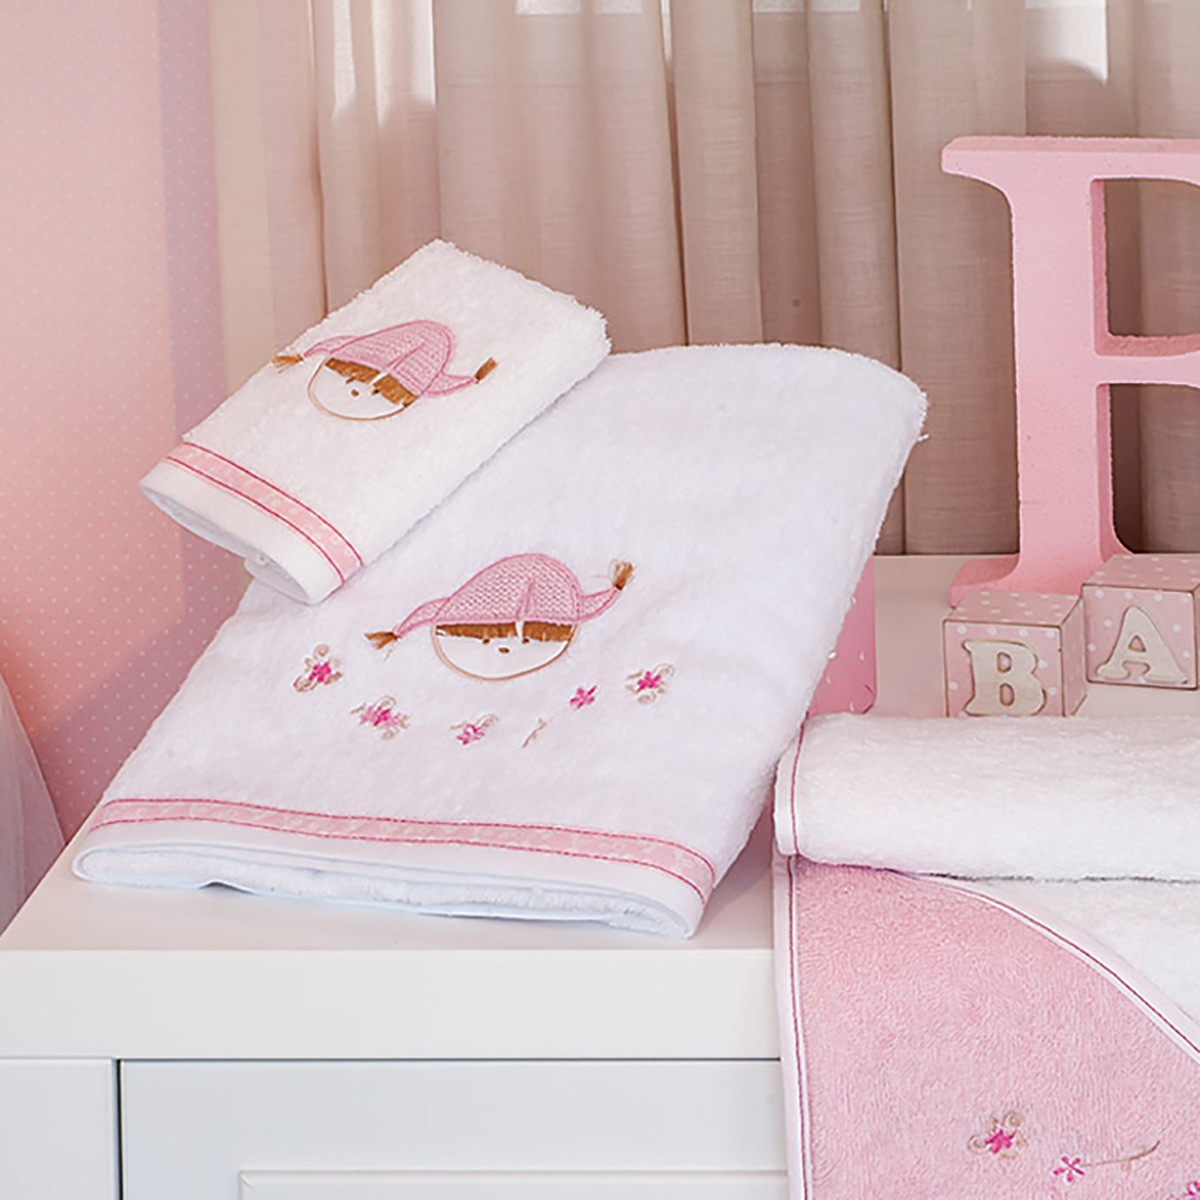 Πετσέτες Μπάνιου (Σετ 2τμχ) Baby Oliver Pink Booboo Des 142